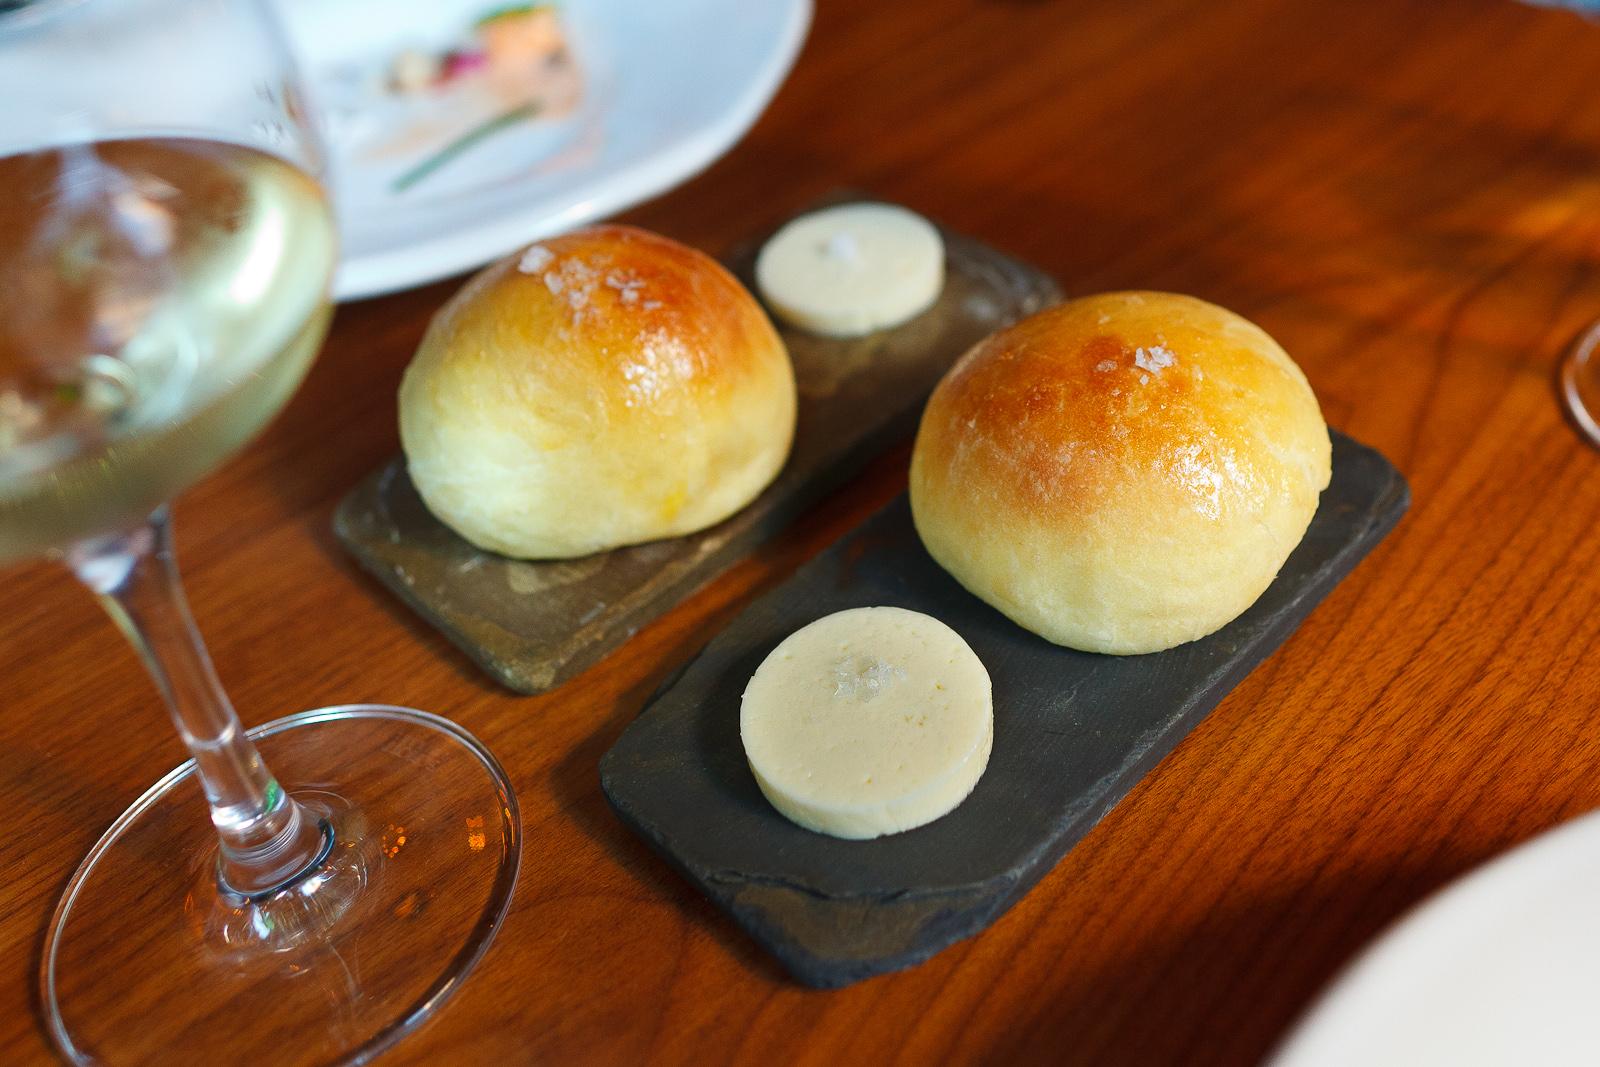 Brioche bread and butter